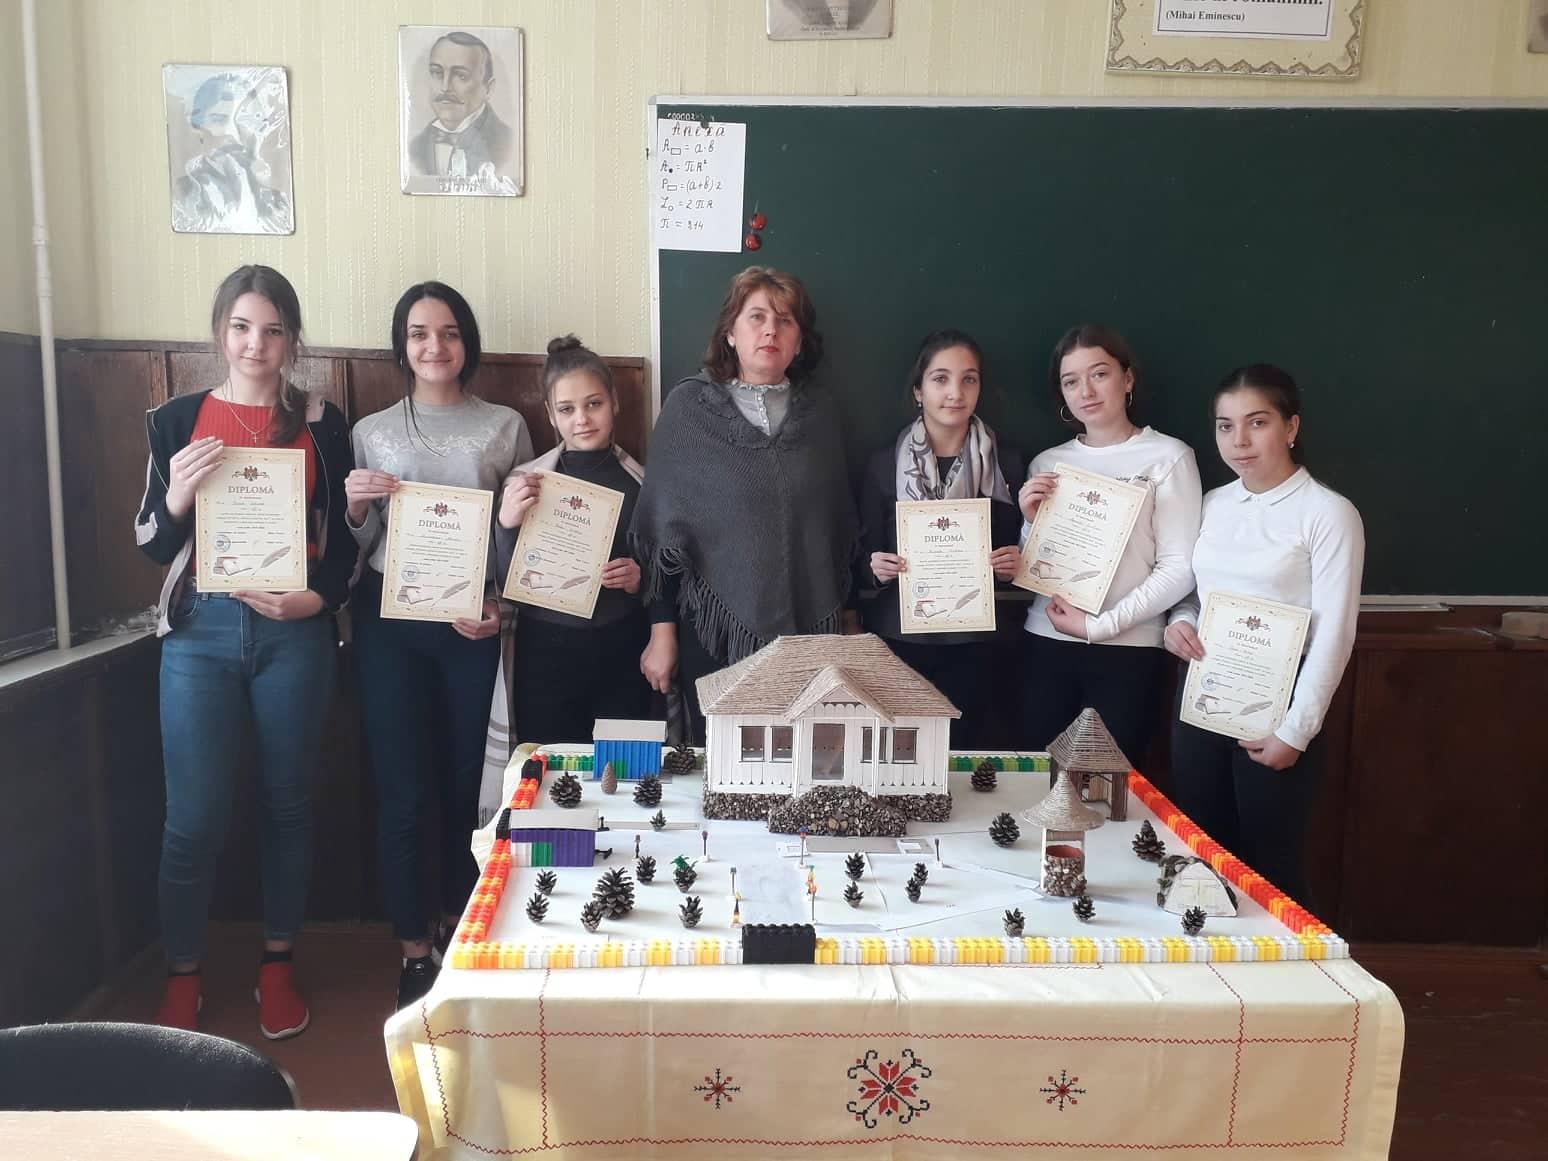 Educație ecologică prin prisma matematicii. Oră publică la Gimnaziul Piatra. Profesoară: Viorica Sârbu.